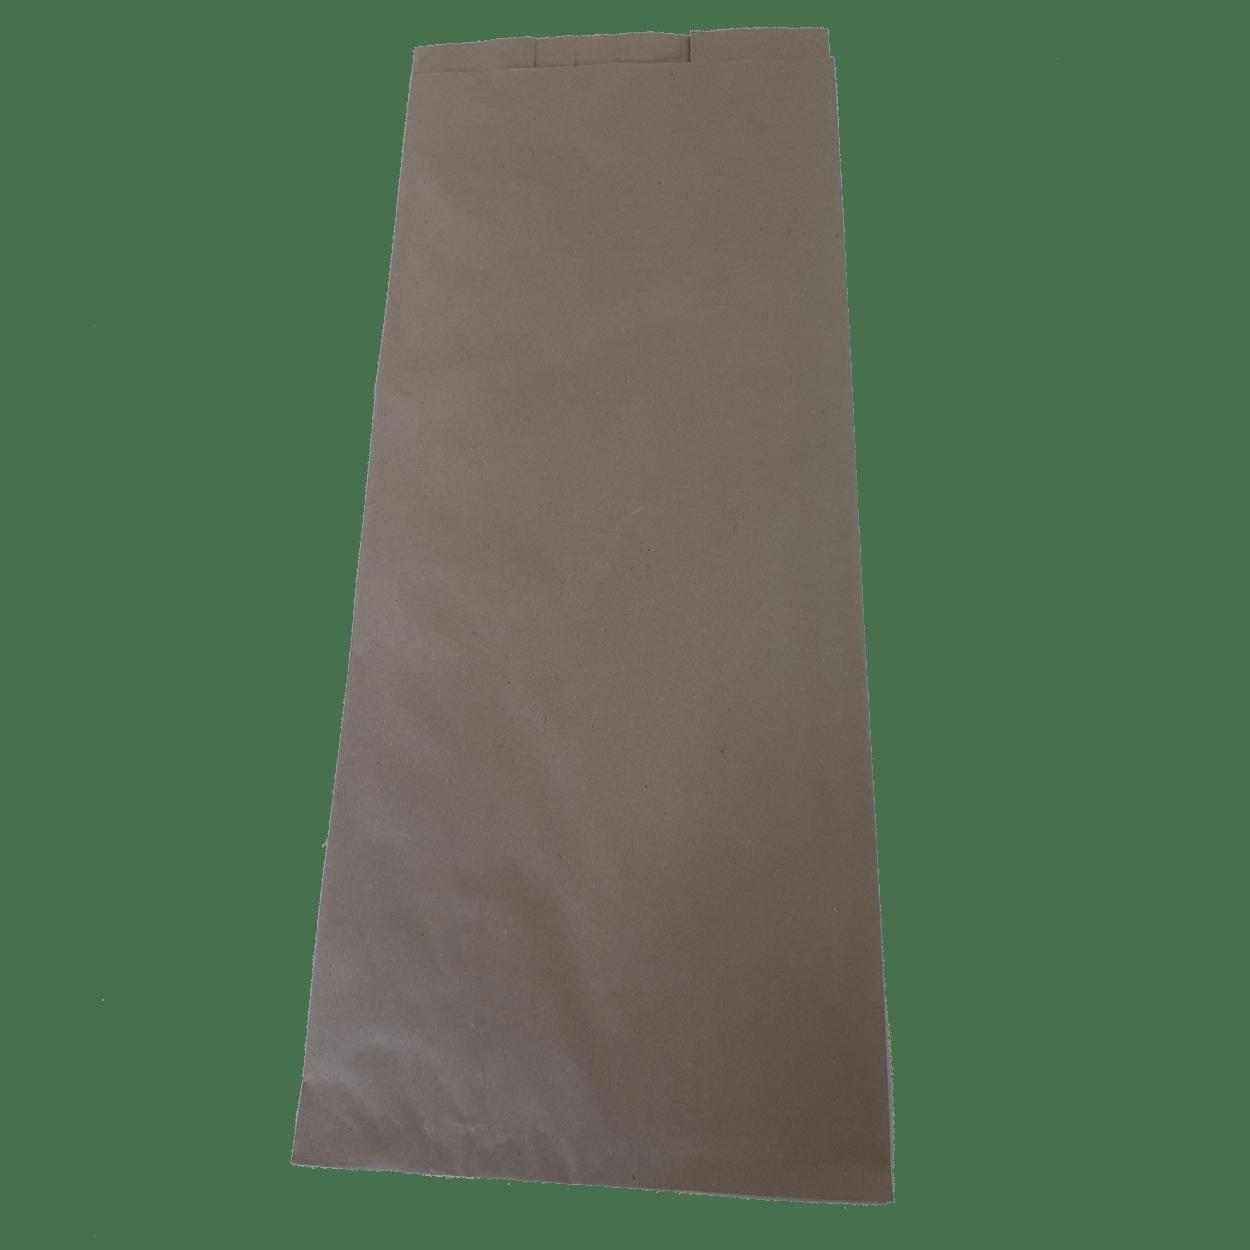 ΧΑΡΤΟΣΑΚΟΥΛΑ ΑΡΤΟΠΟΙΙΑΣ GREASEPROOF 20+12×50 Cm ΚΡΑΦΤ KAΦΕ